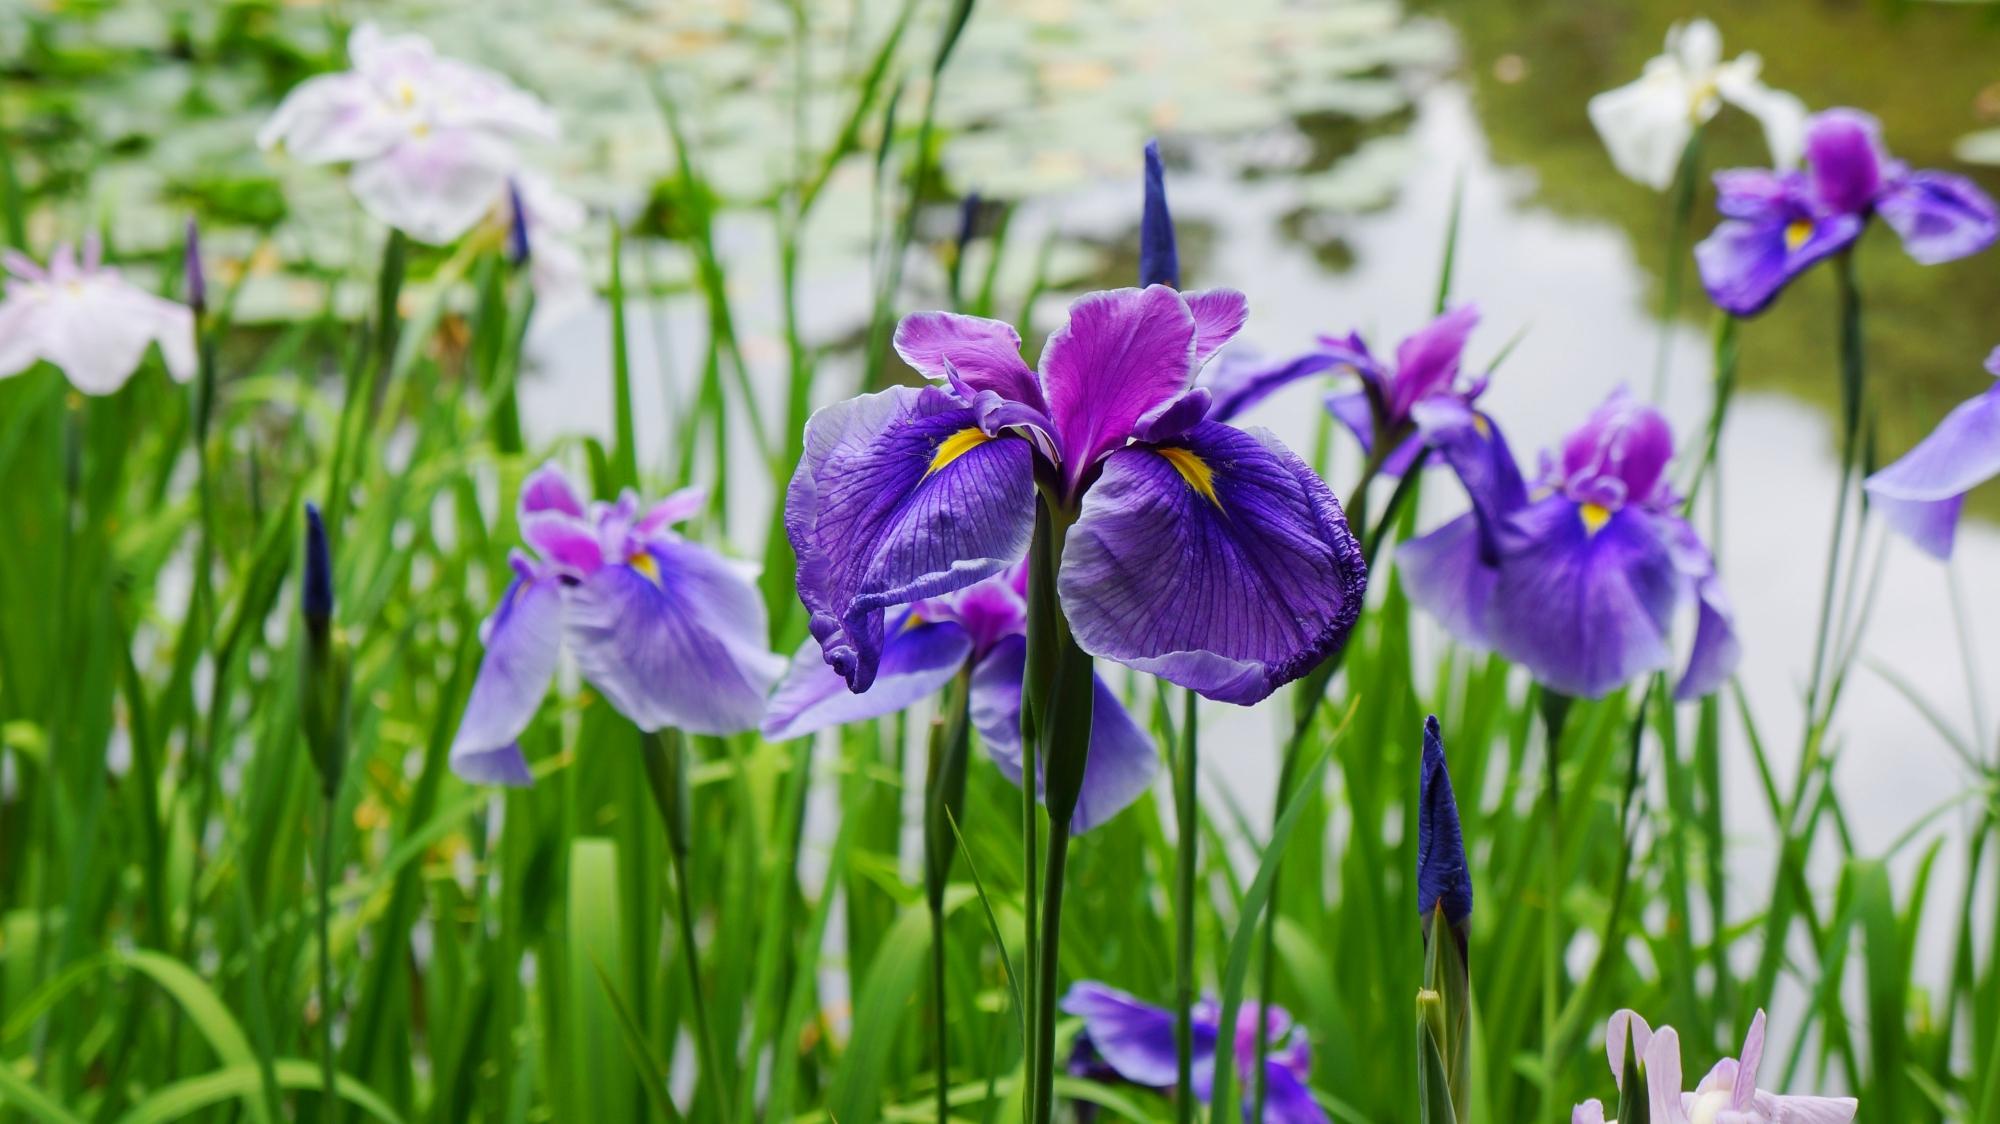 平安神宮神苑に咲く見ごろのあっぱれな花菖蒲